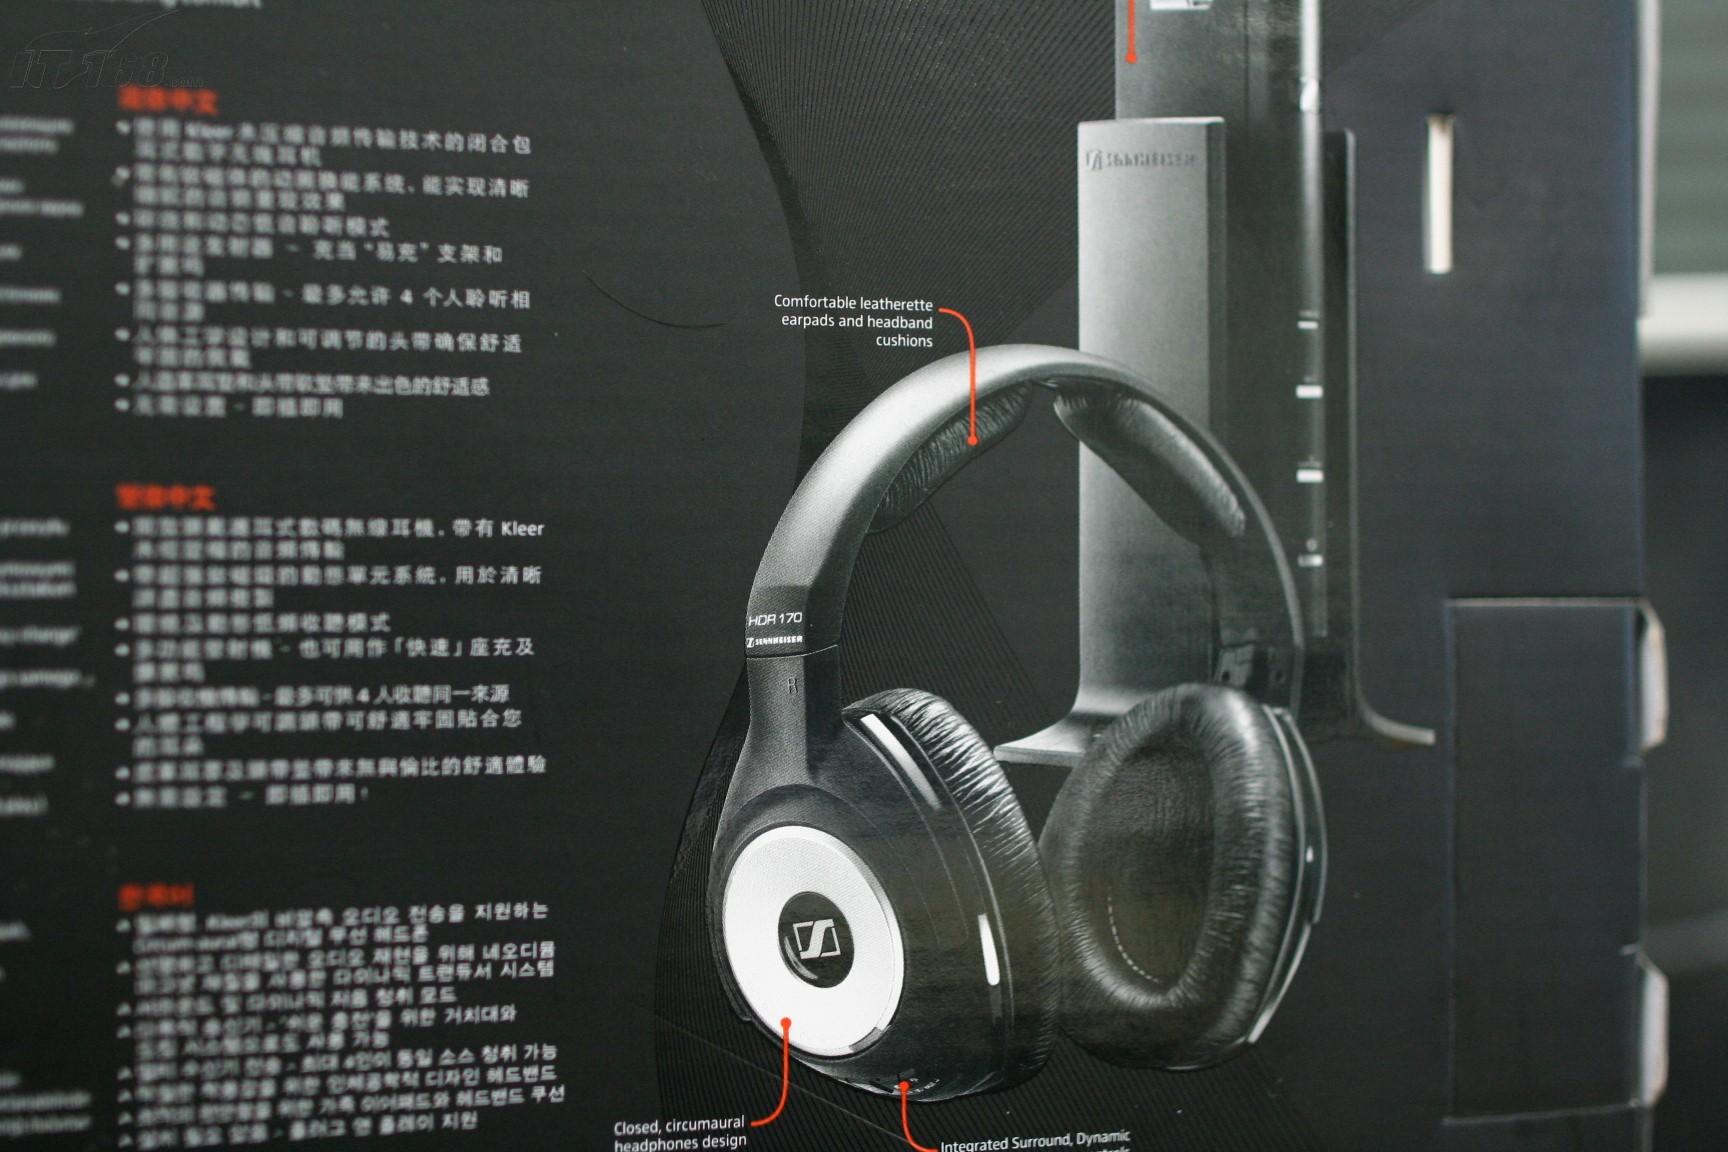 森海塞尔rs170耳机产品图片26